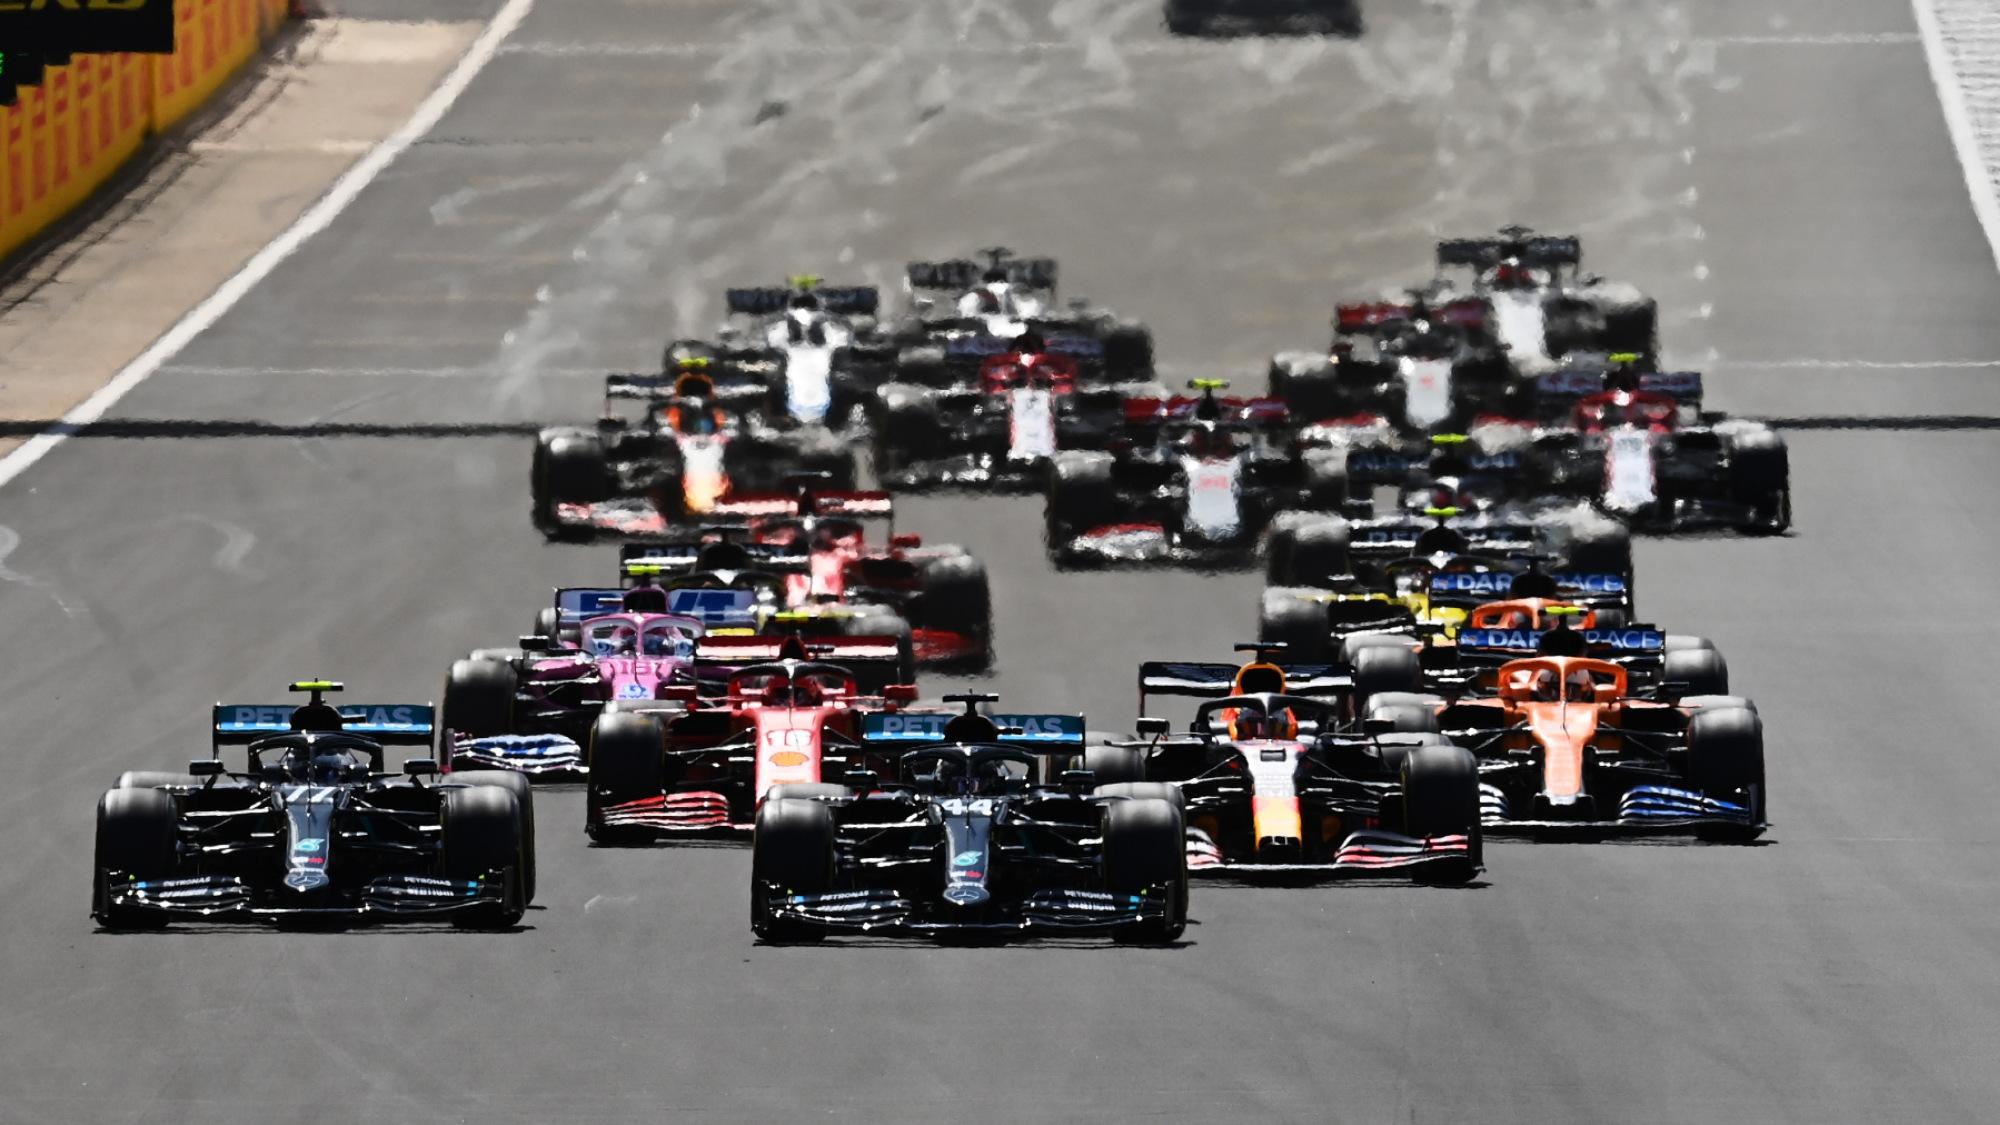 2021 British GP start